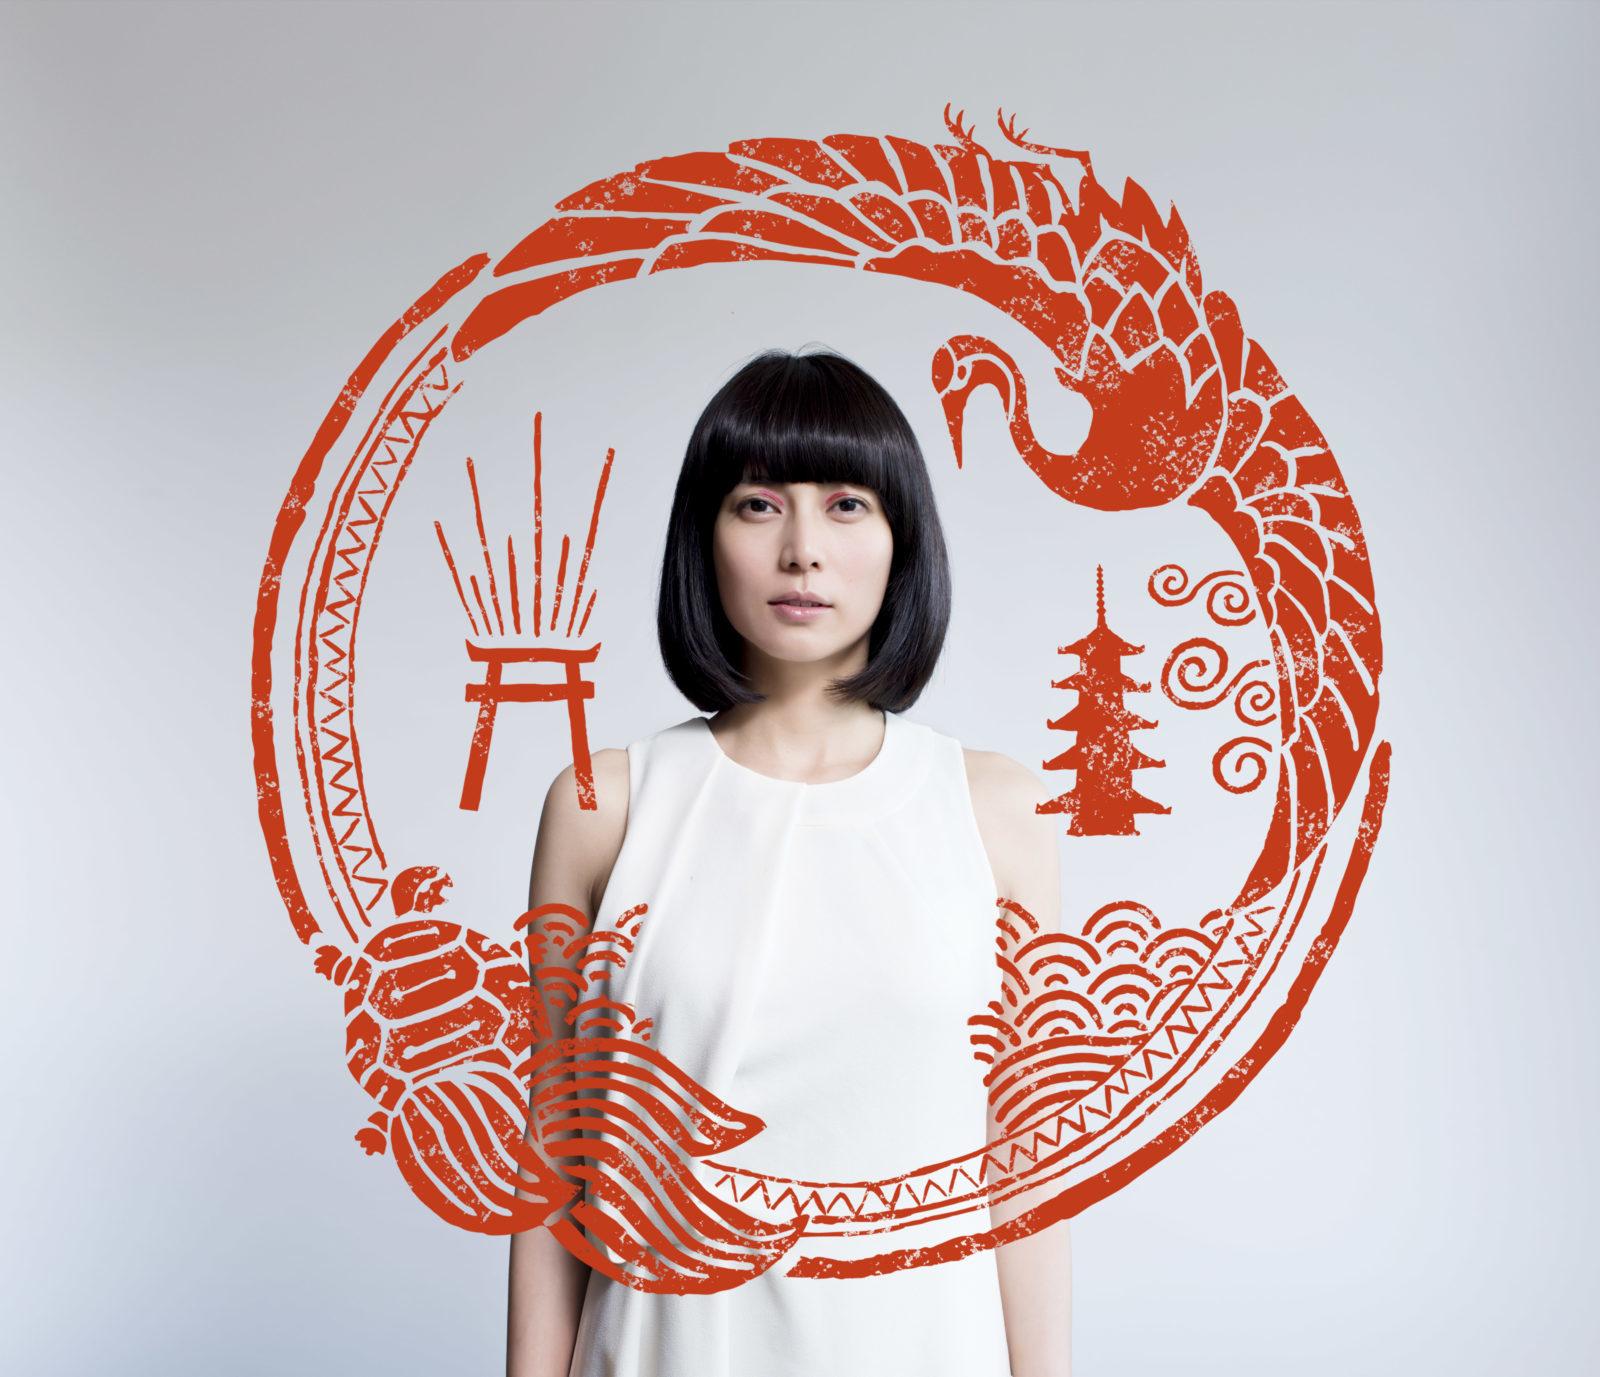 中谷美紀 柴咲コウと間違えられた際のファン対応明かし、共演者から「優しい」サムネイル画像